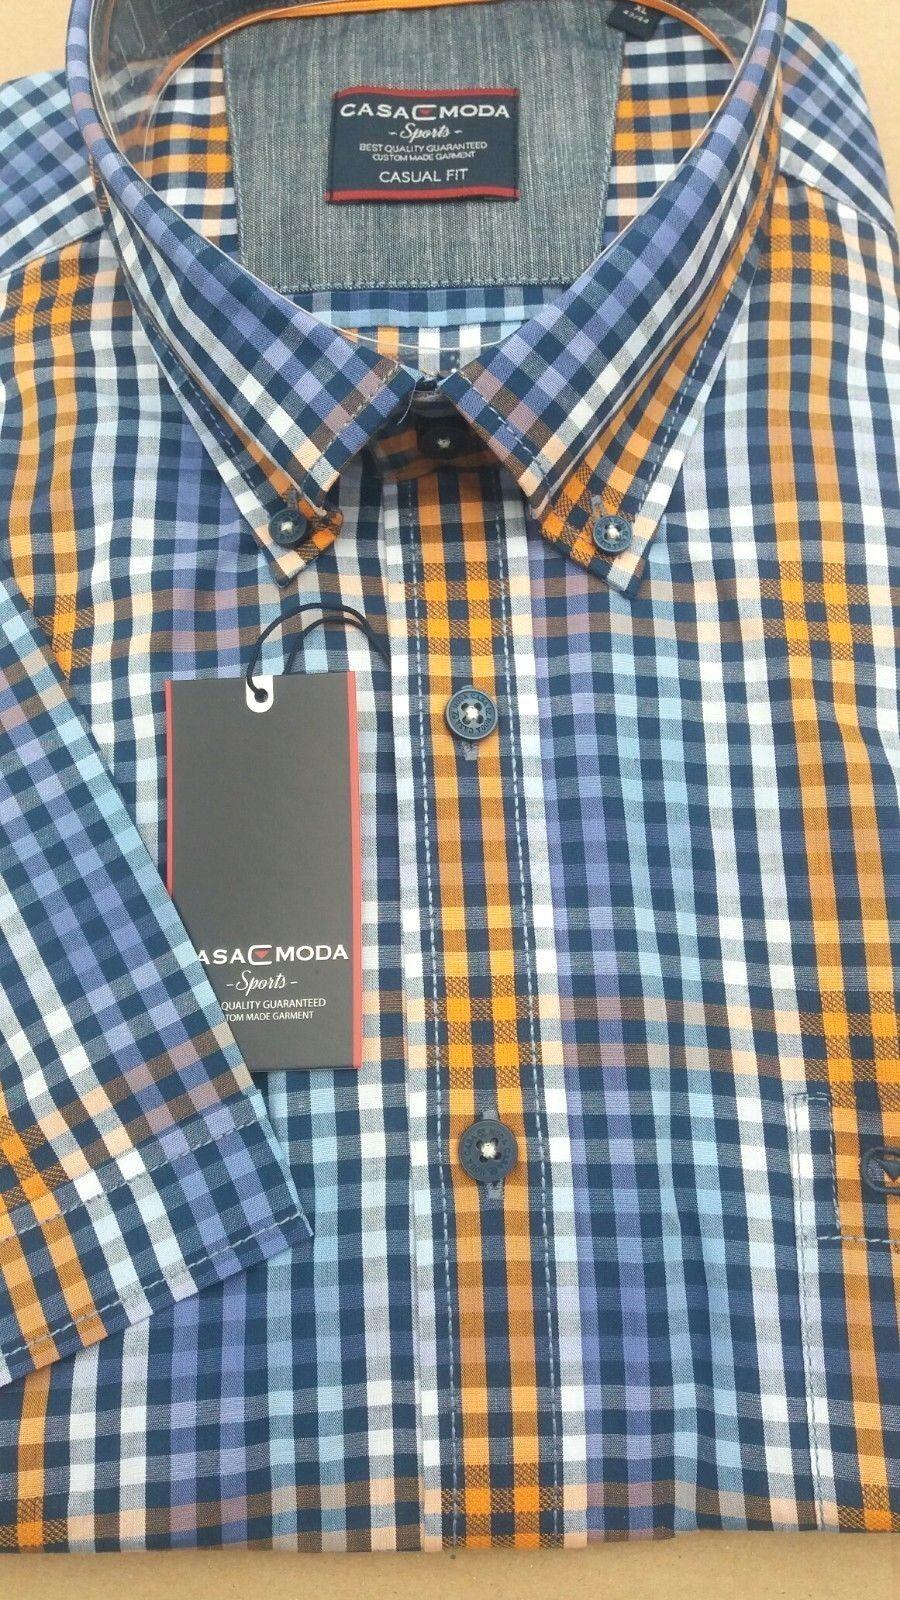 CASA MODA Blu Arancione controllare manica corta Camicia 2XL 3073516 3073516 3073516 2xl 3XL4XL5XL6XL 7XL f7dd81